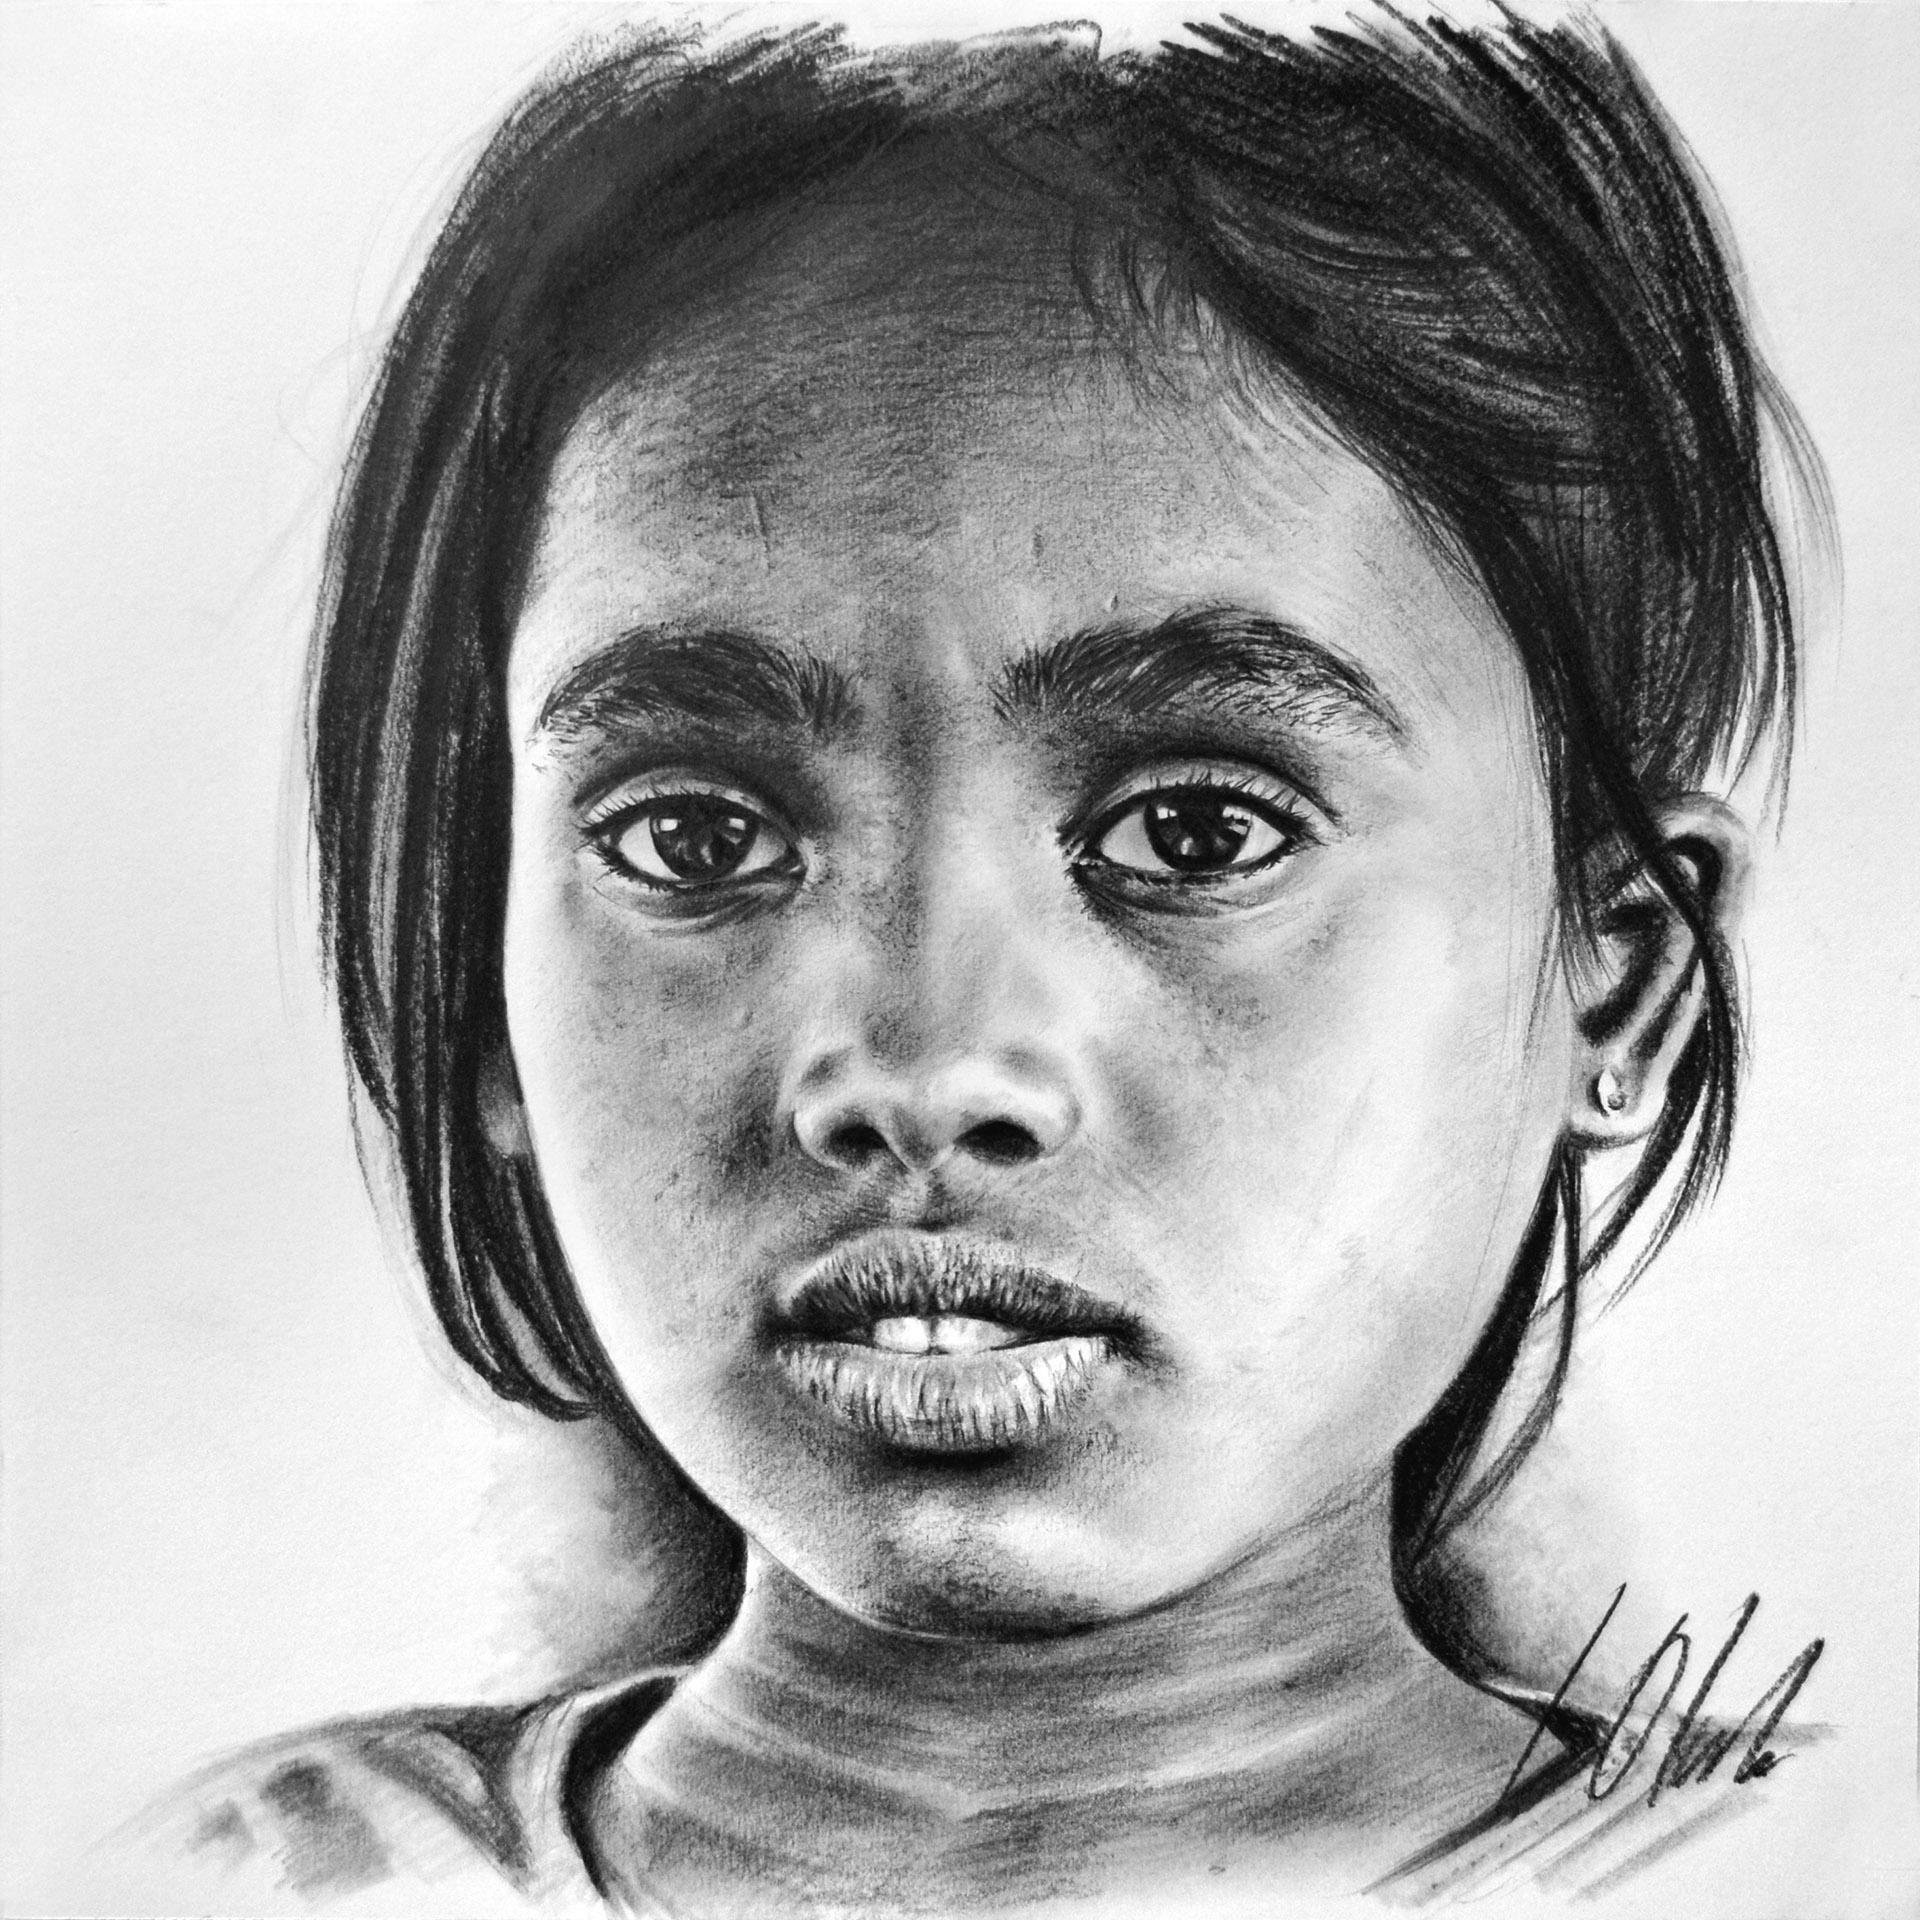 Jasmin. Retrato en grafito, 35 x 35 cm. Javier Olmedo, 2019. A partir de fotografía de R. Arnold, © ACNUR